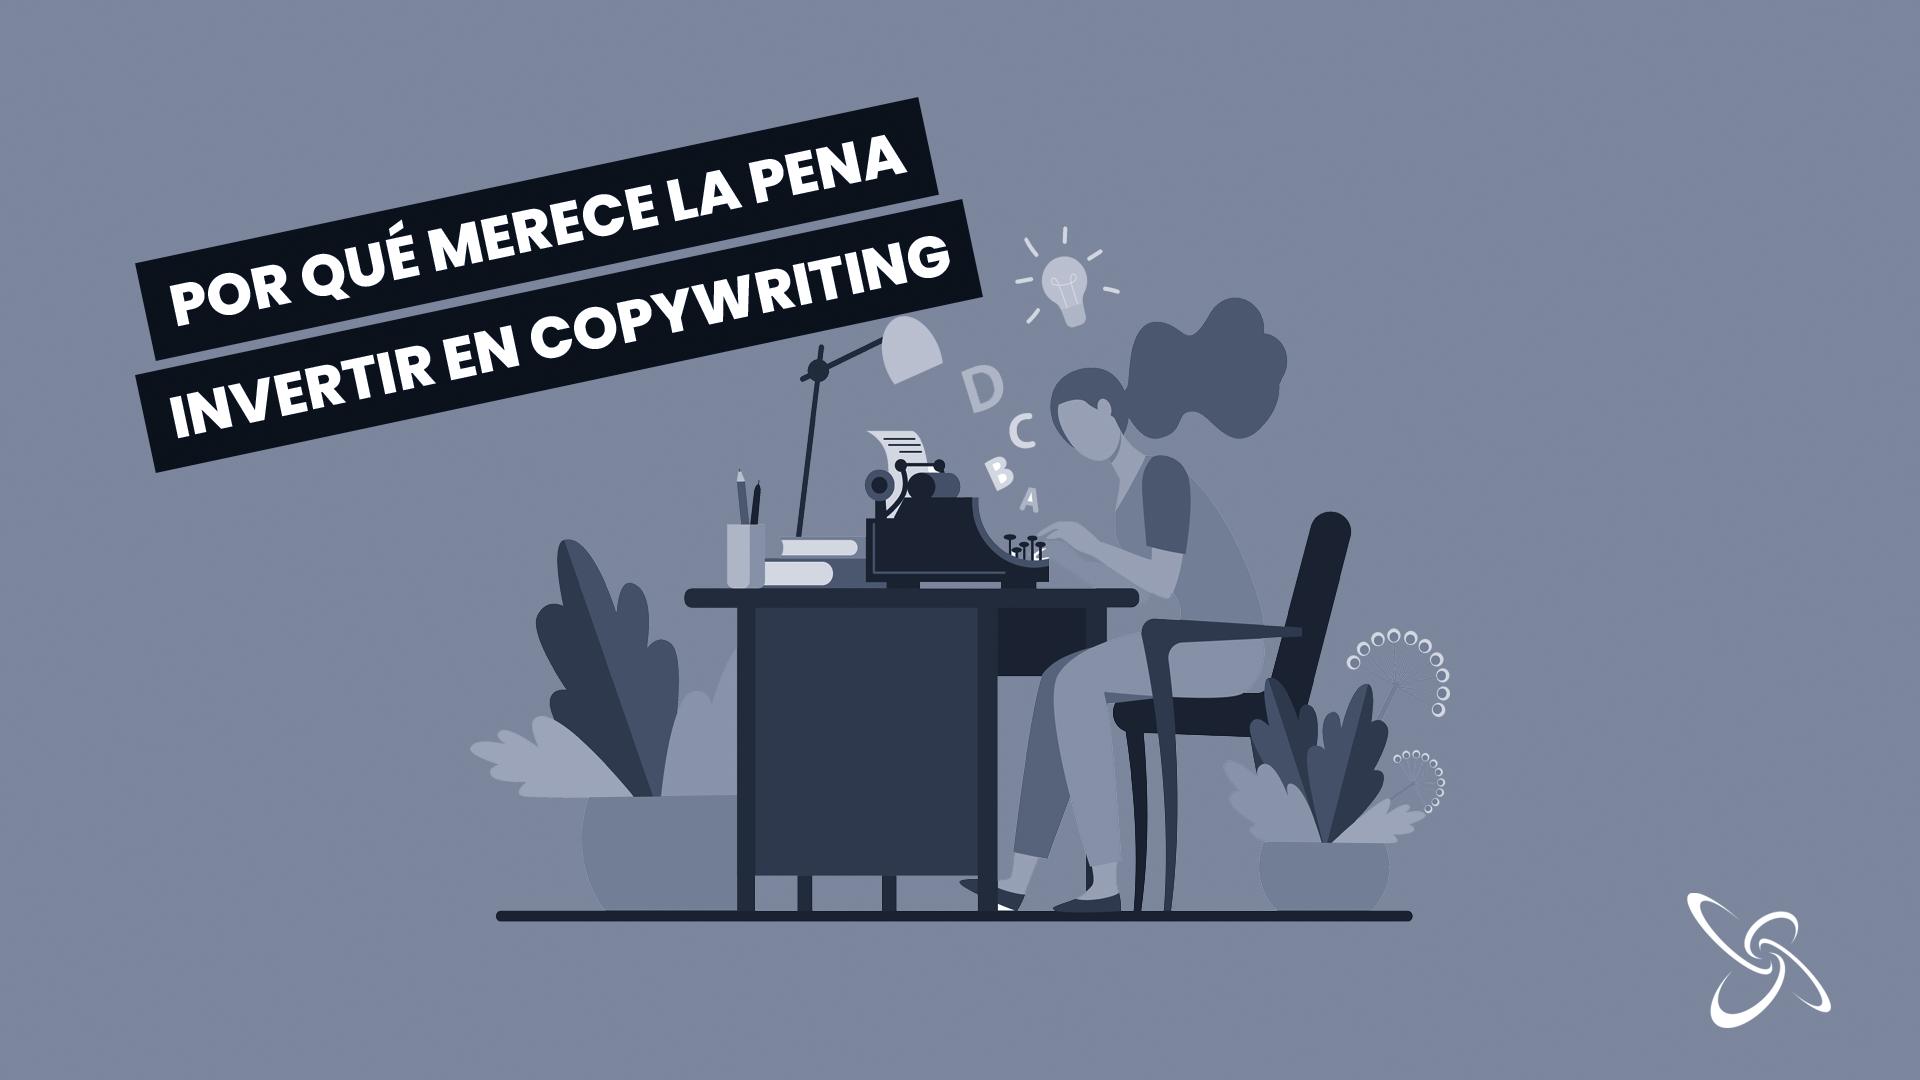 Por qué merece la pena invertir en copywriting